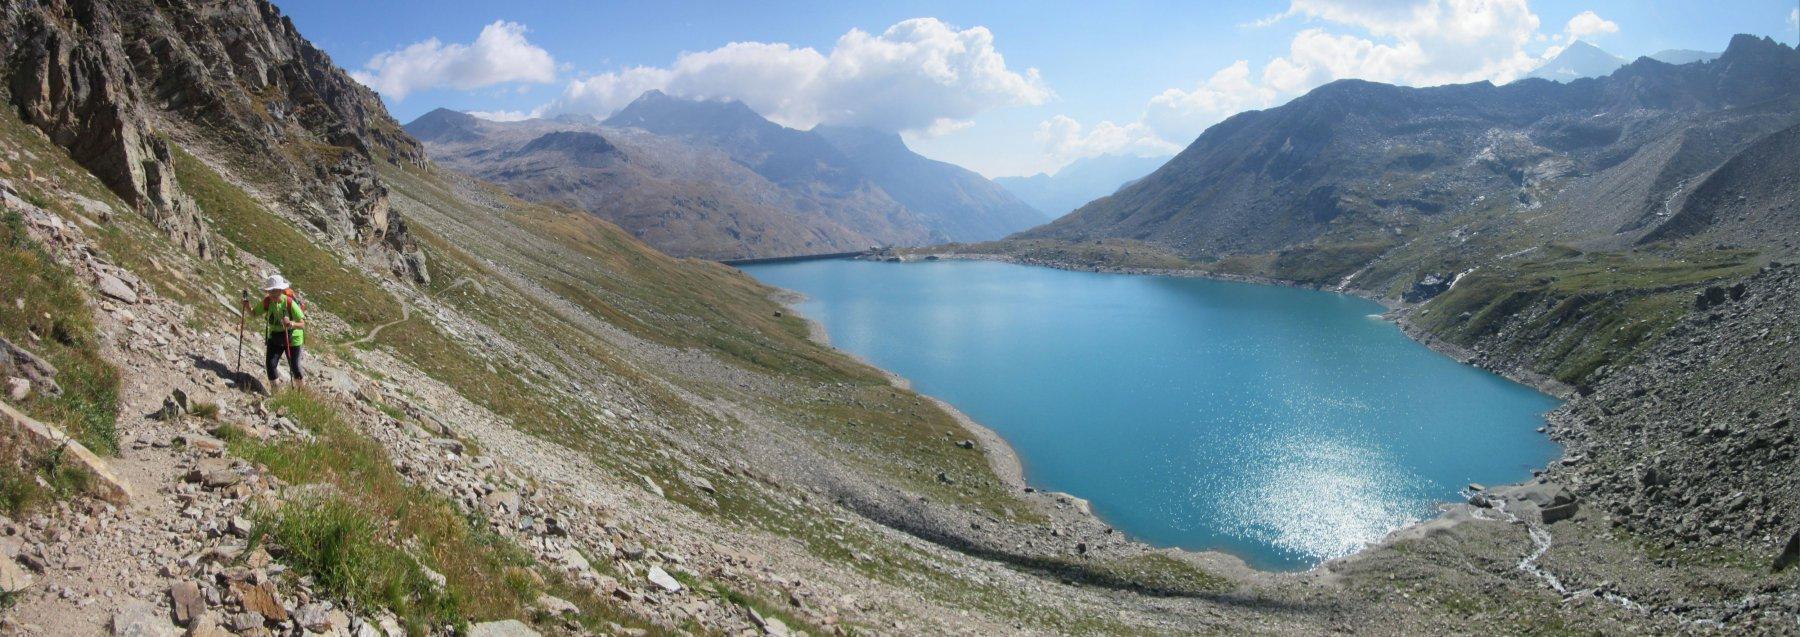 Verso il rifugio con il Lago di Serrù